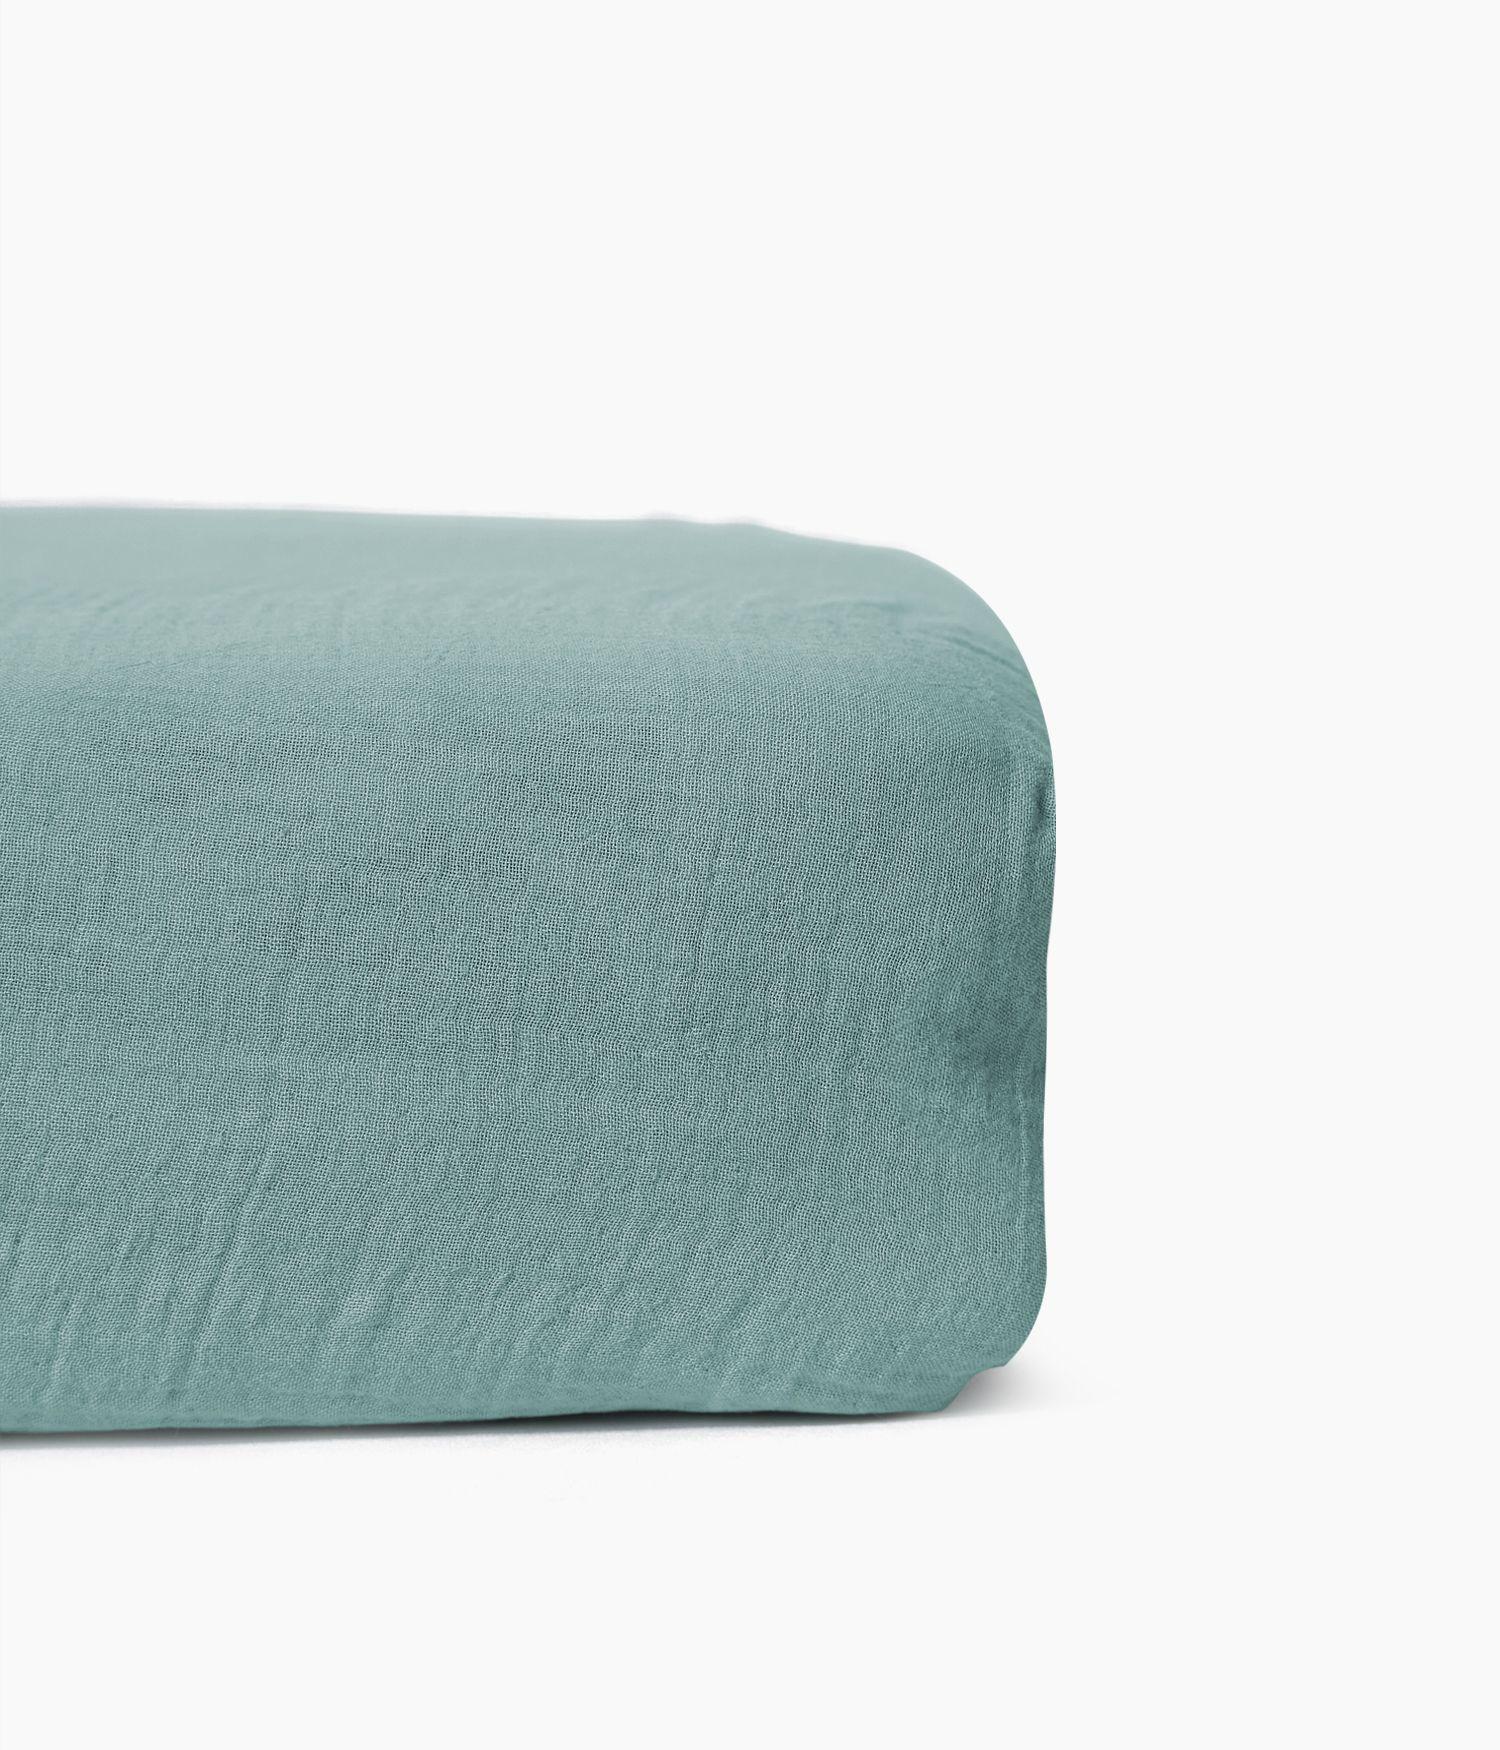 drap housse 160*200 celadon